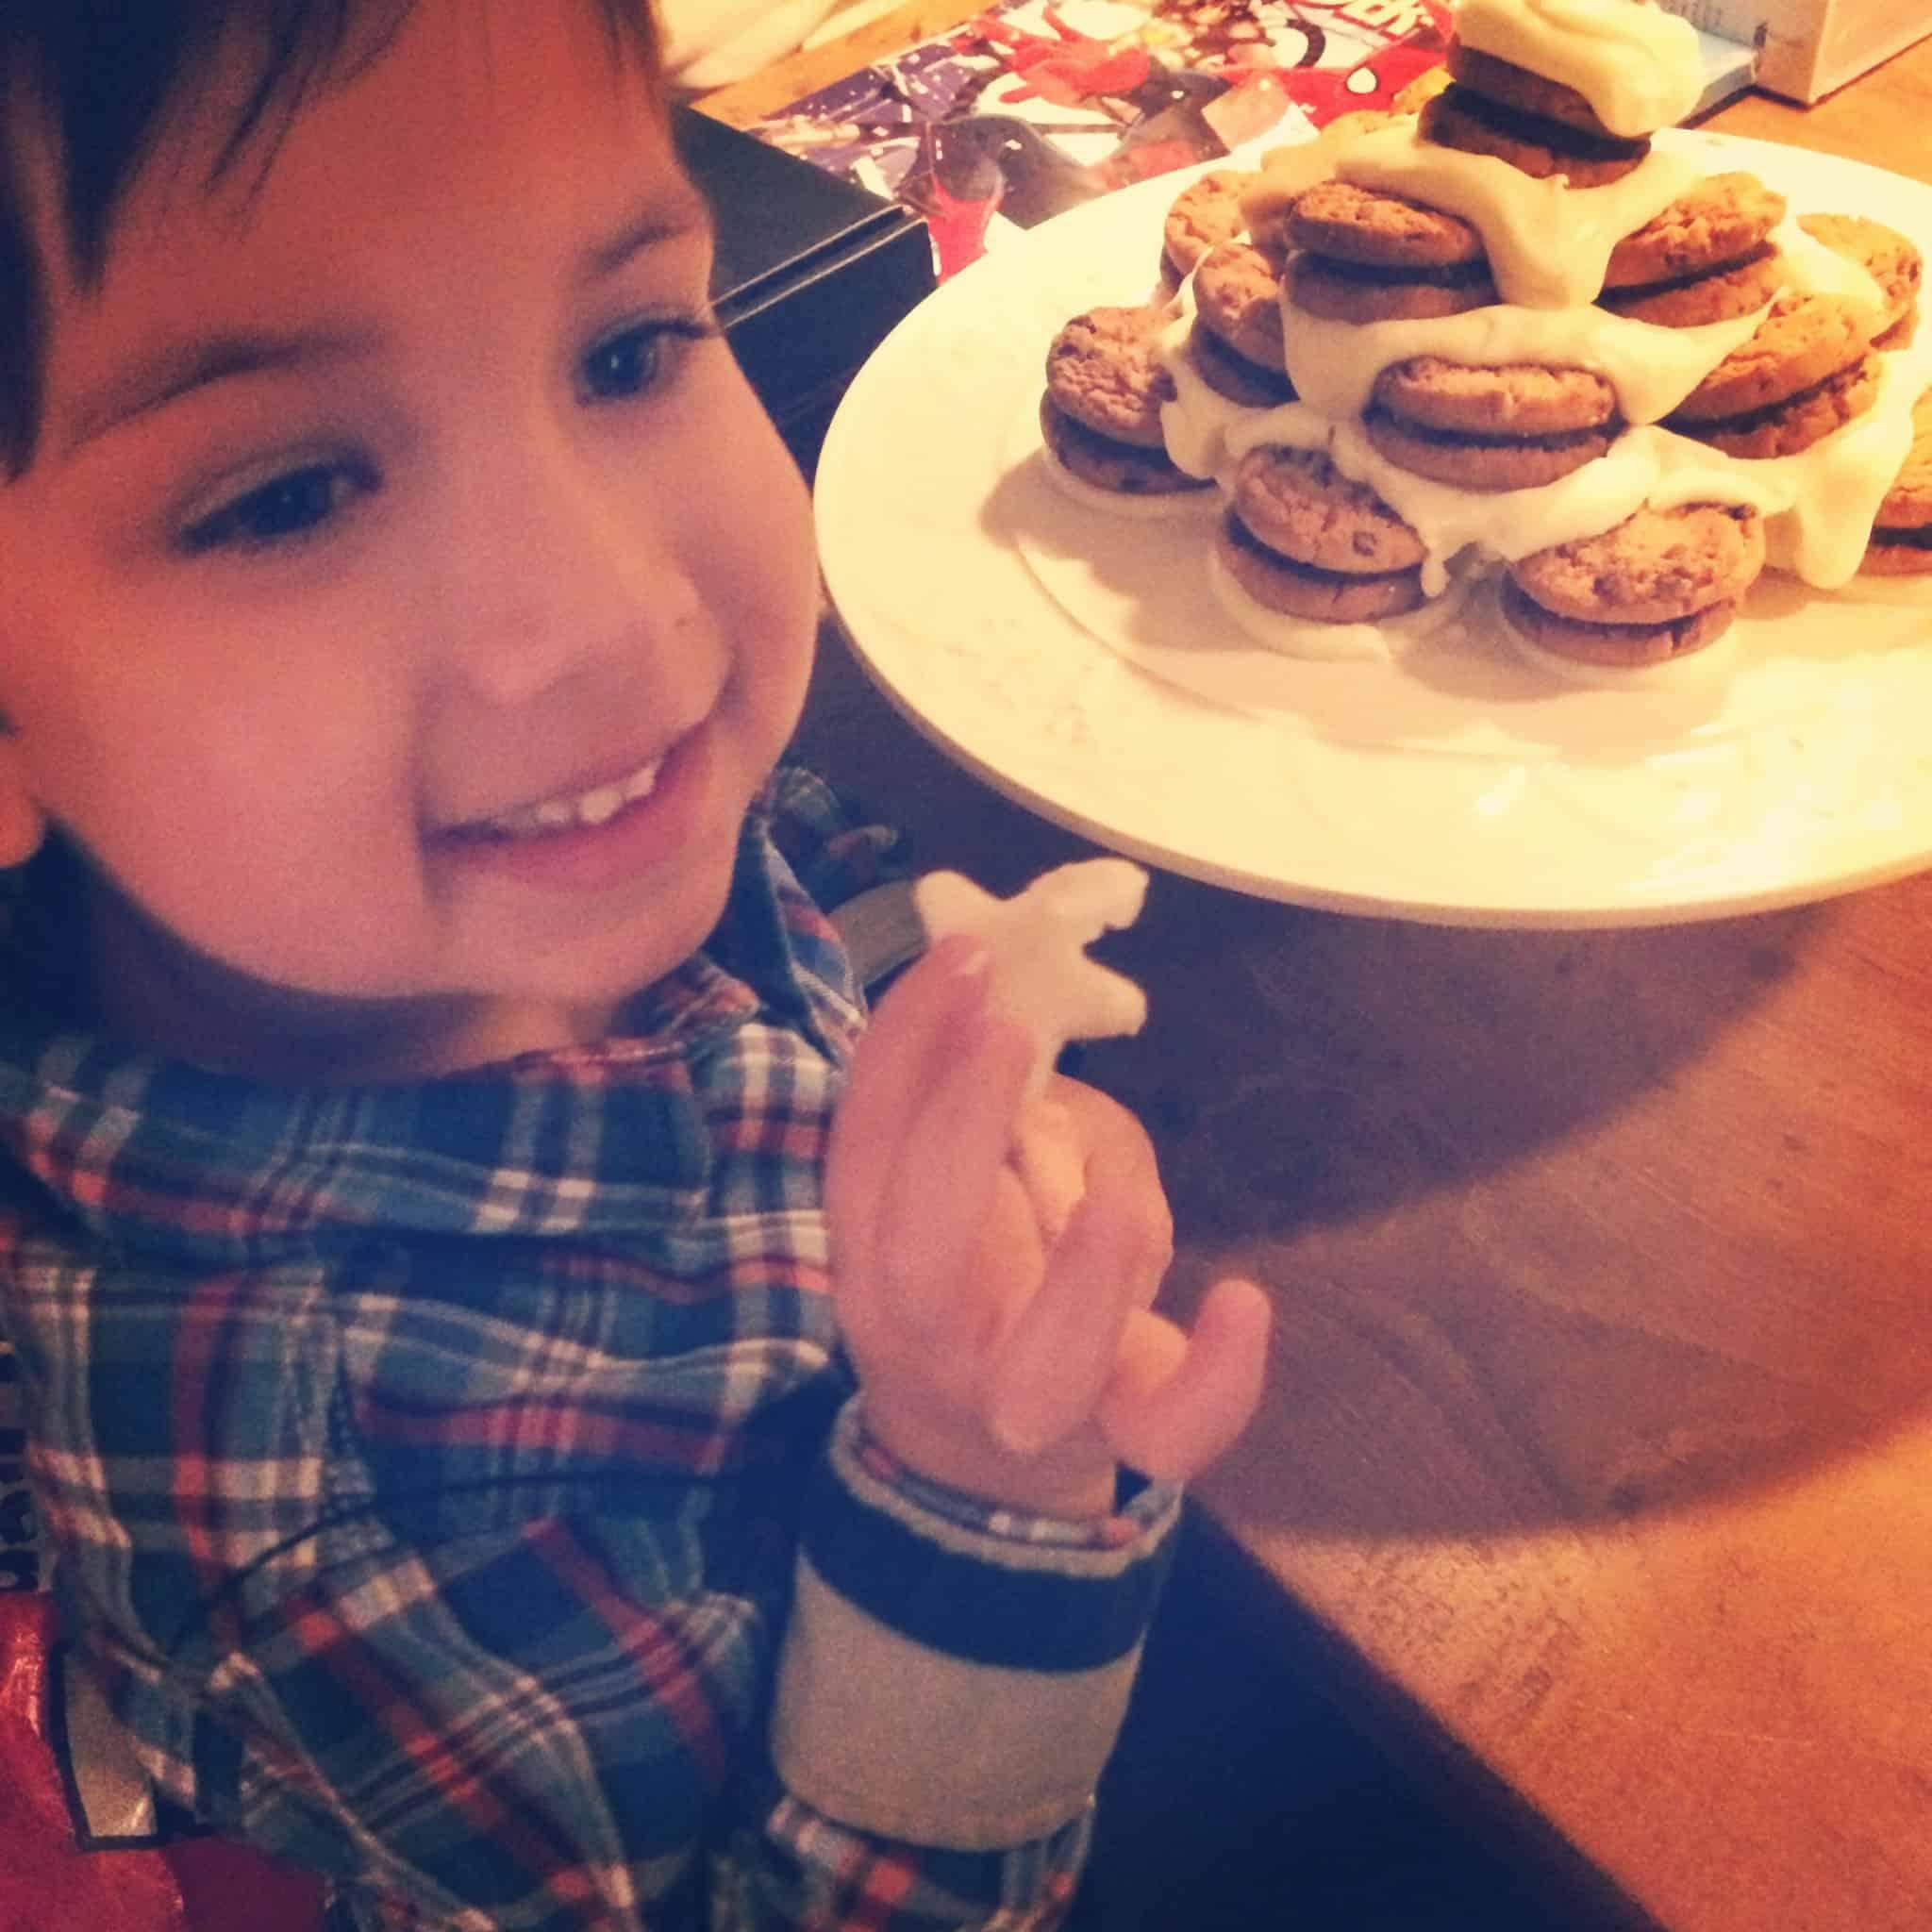 Chocoladekoekjes kerstboom_genieten